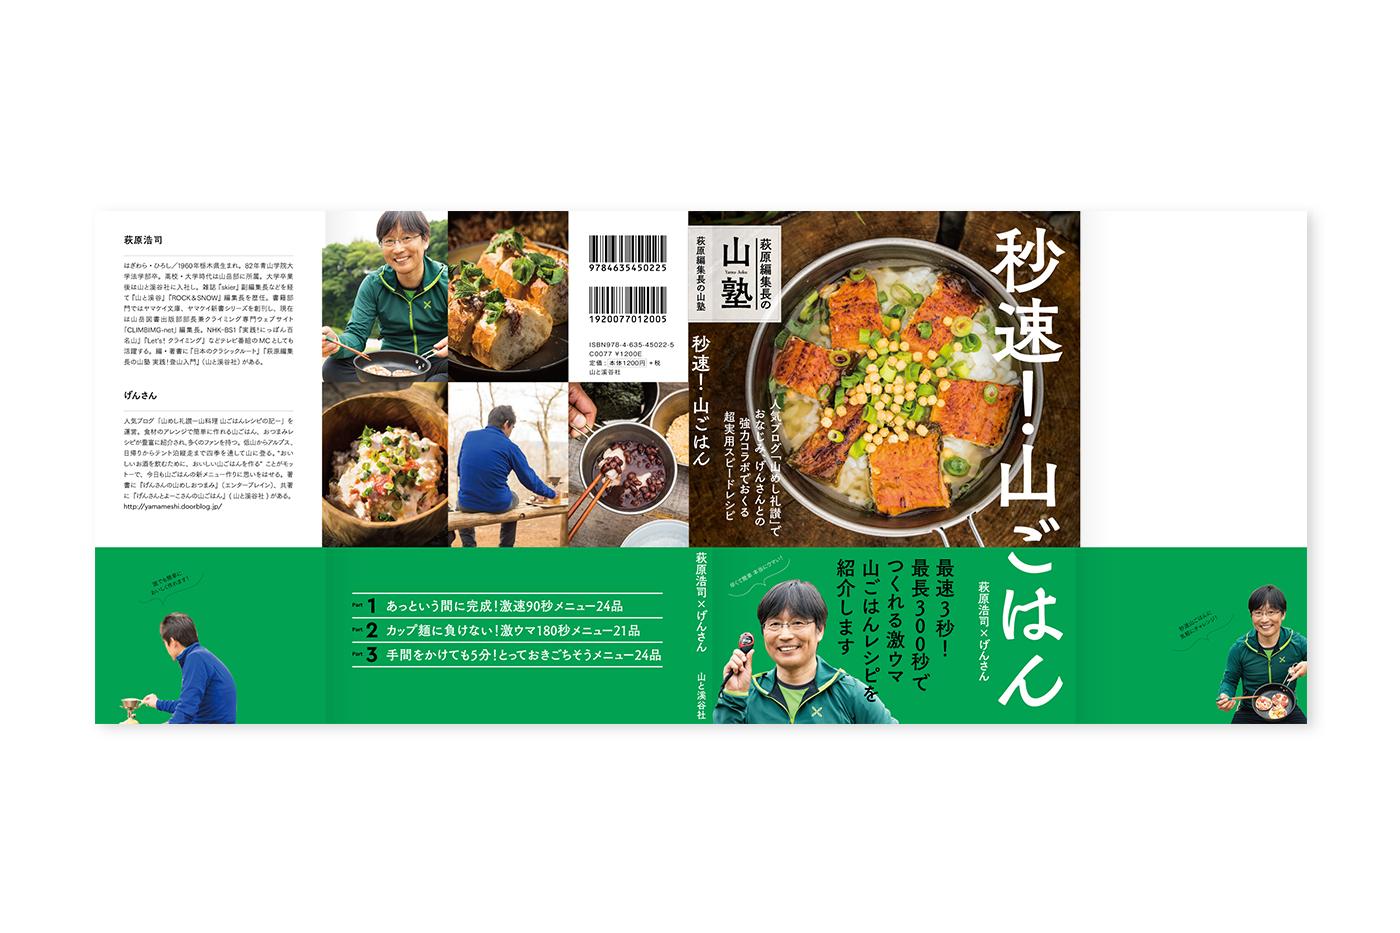 秒速_cover_2